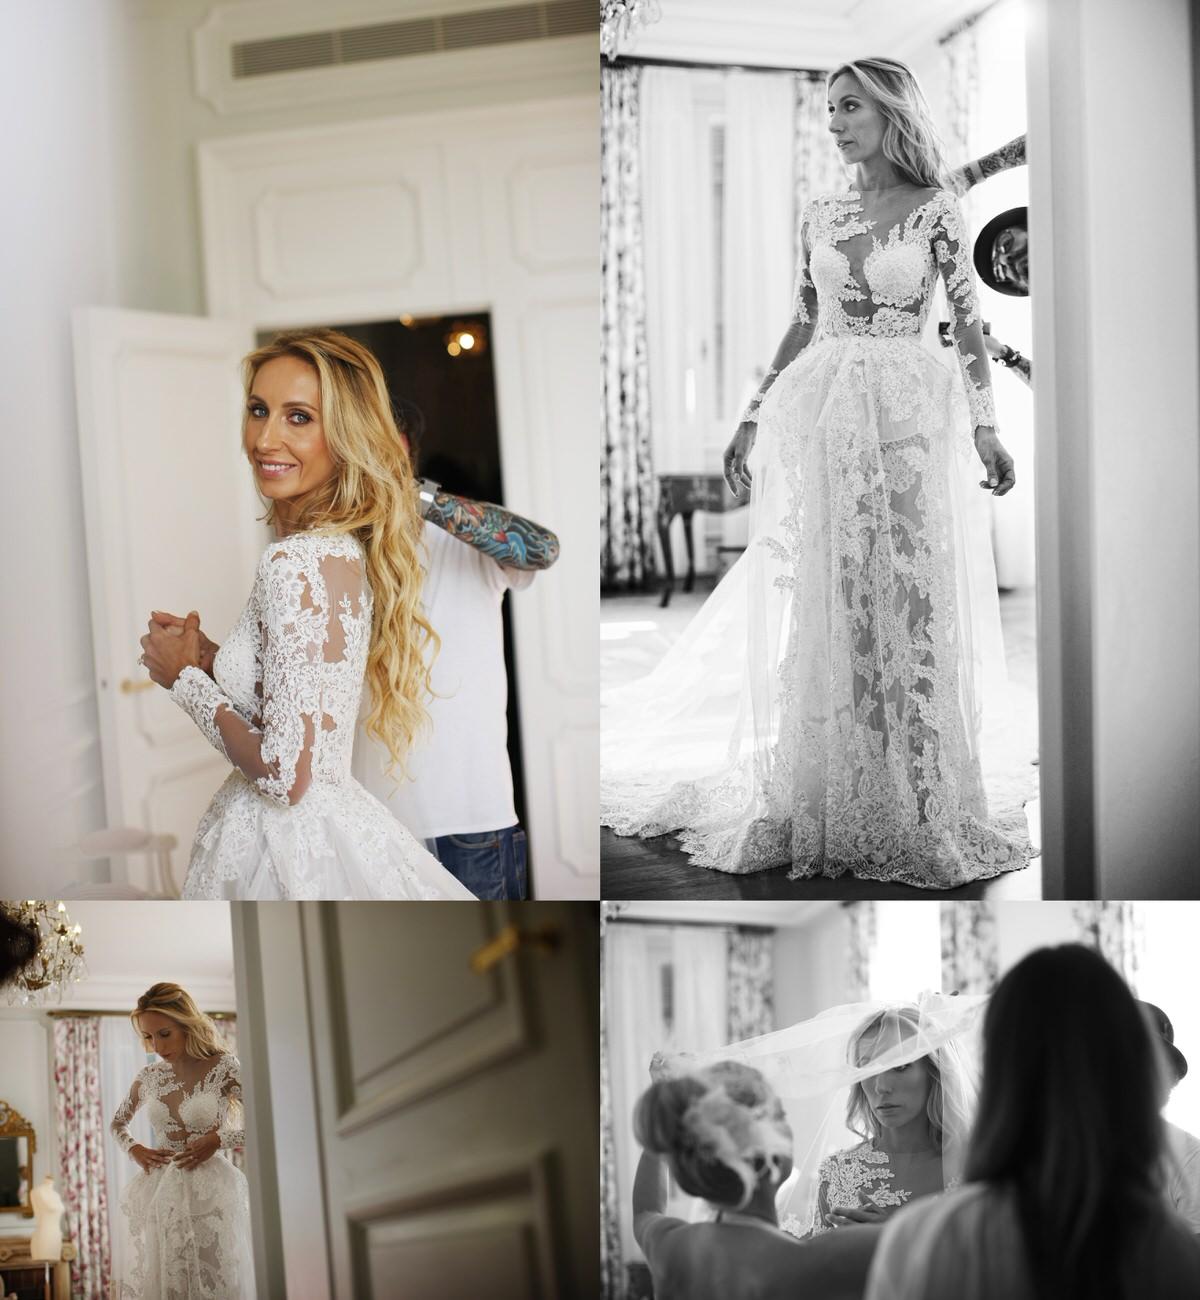 french-wedding-wedding-in-france-destination-wedding-photographer_0008.jpg